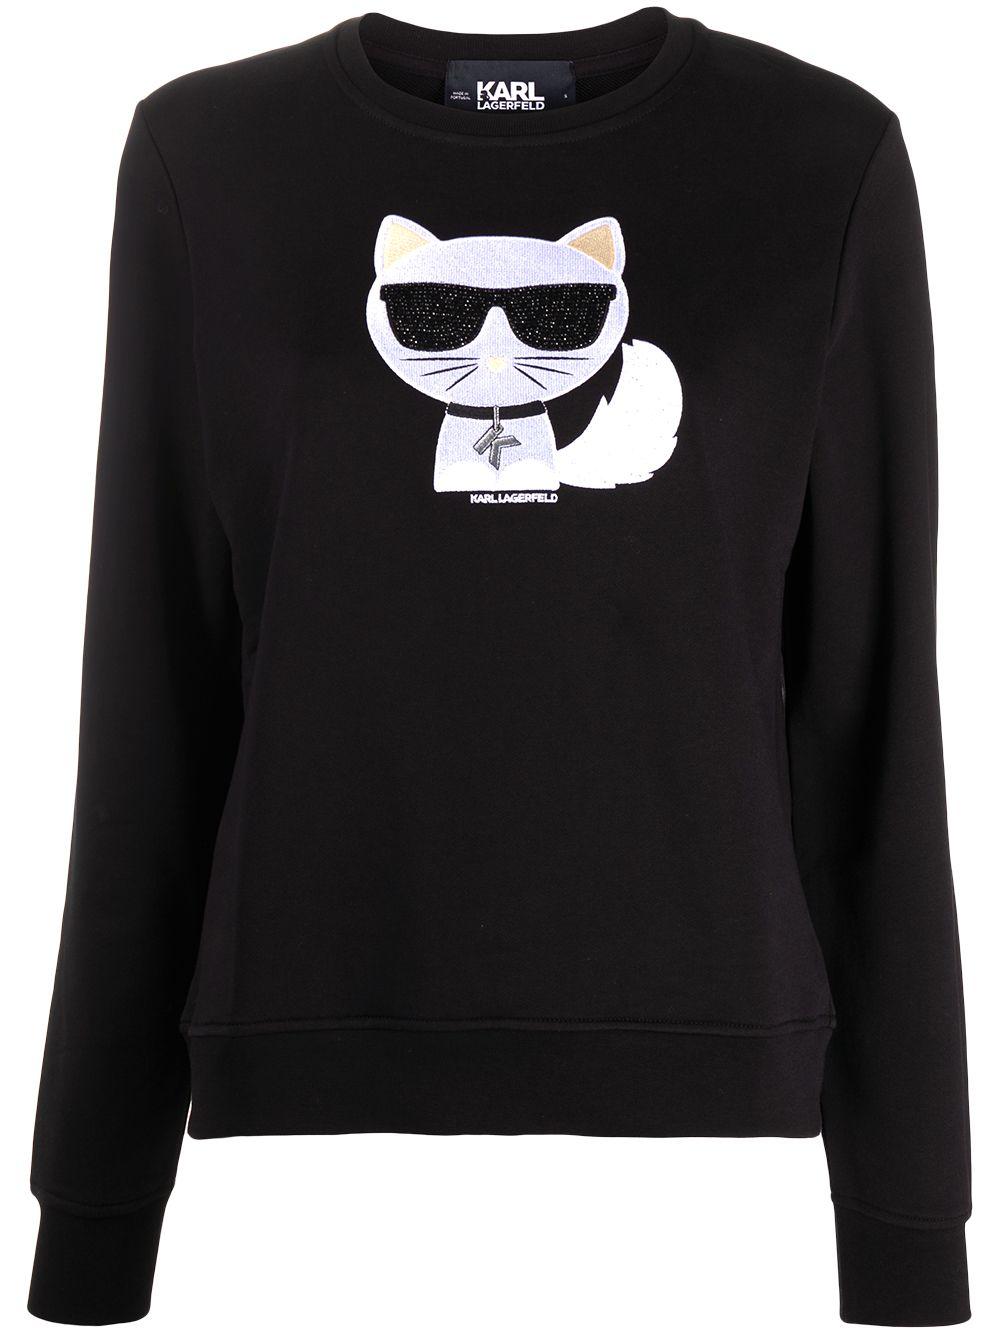 Karl Lagerfeld 'Choupette' Sweatshirt - Schwarz